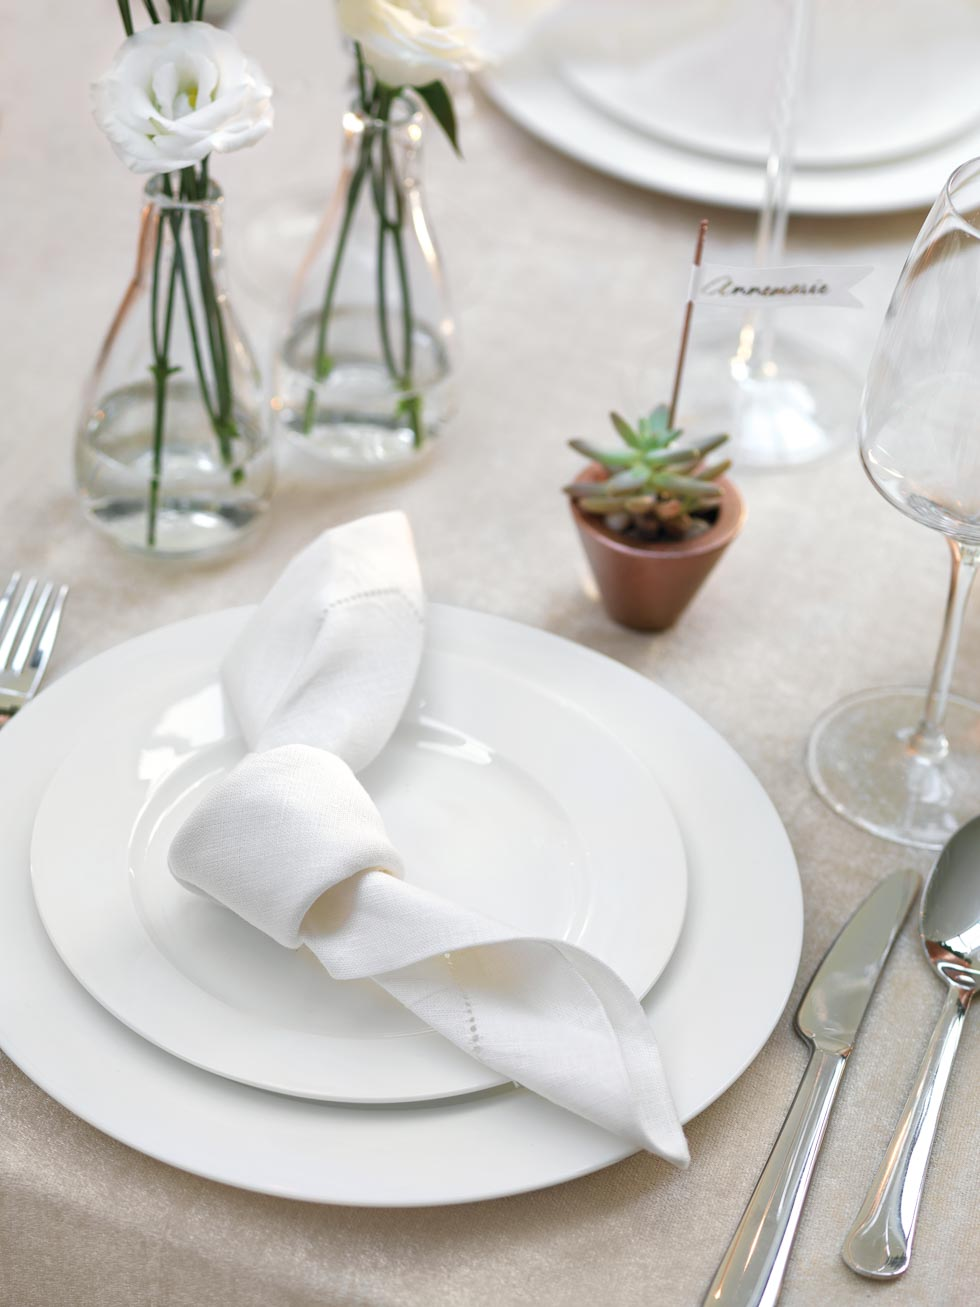 Tischdekoration geknotete Serviette